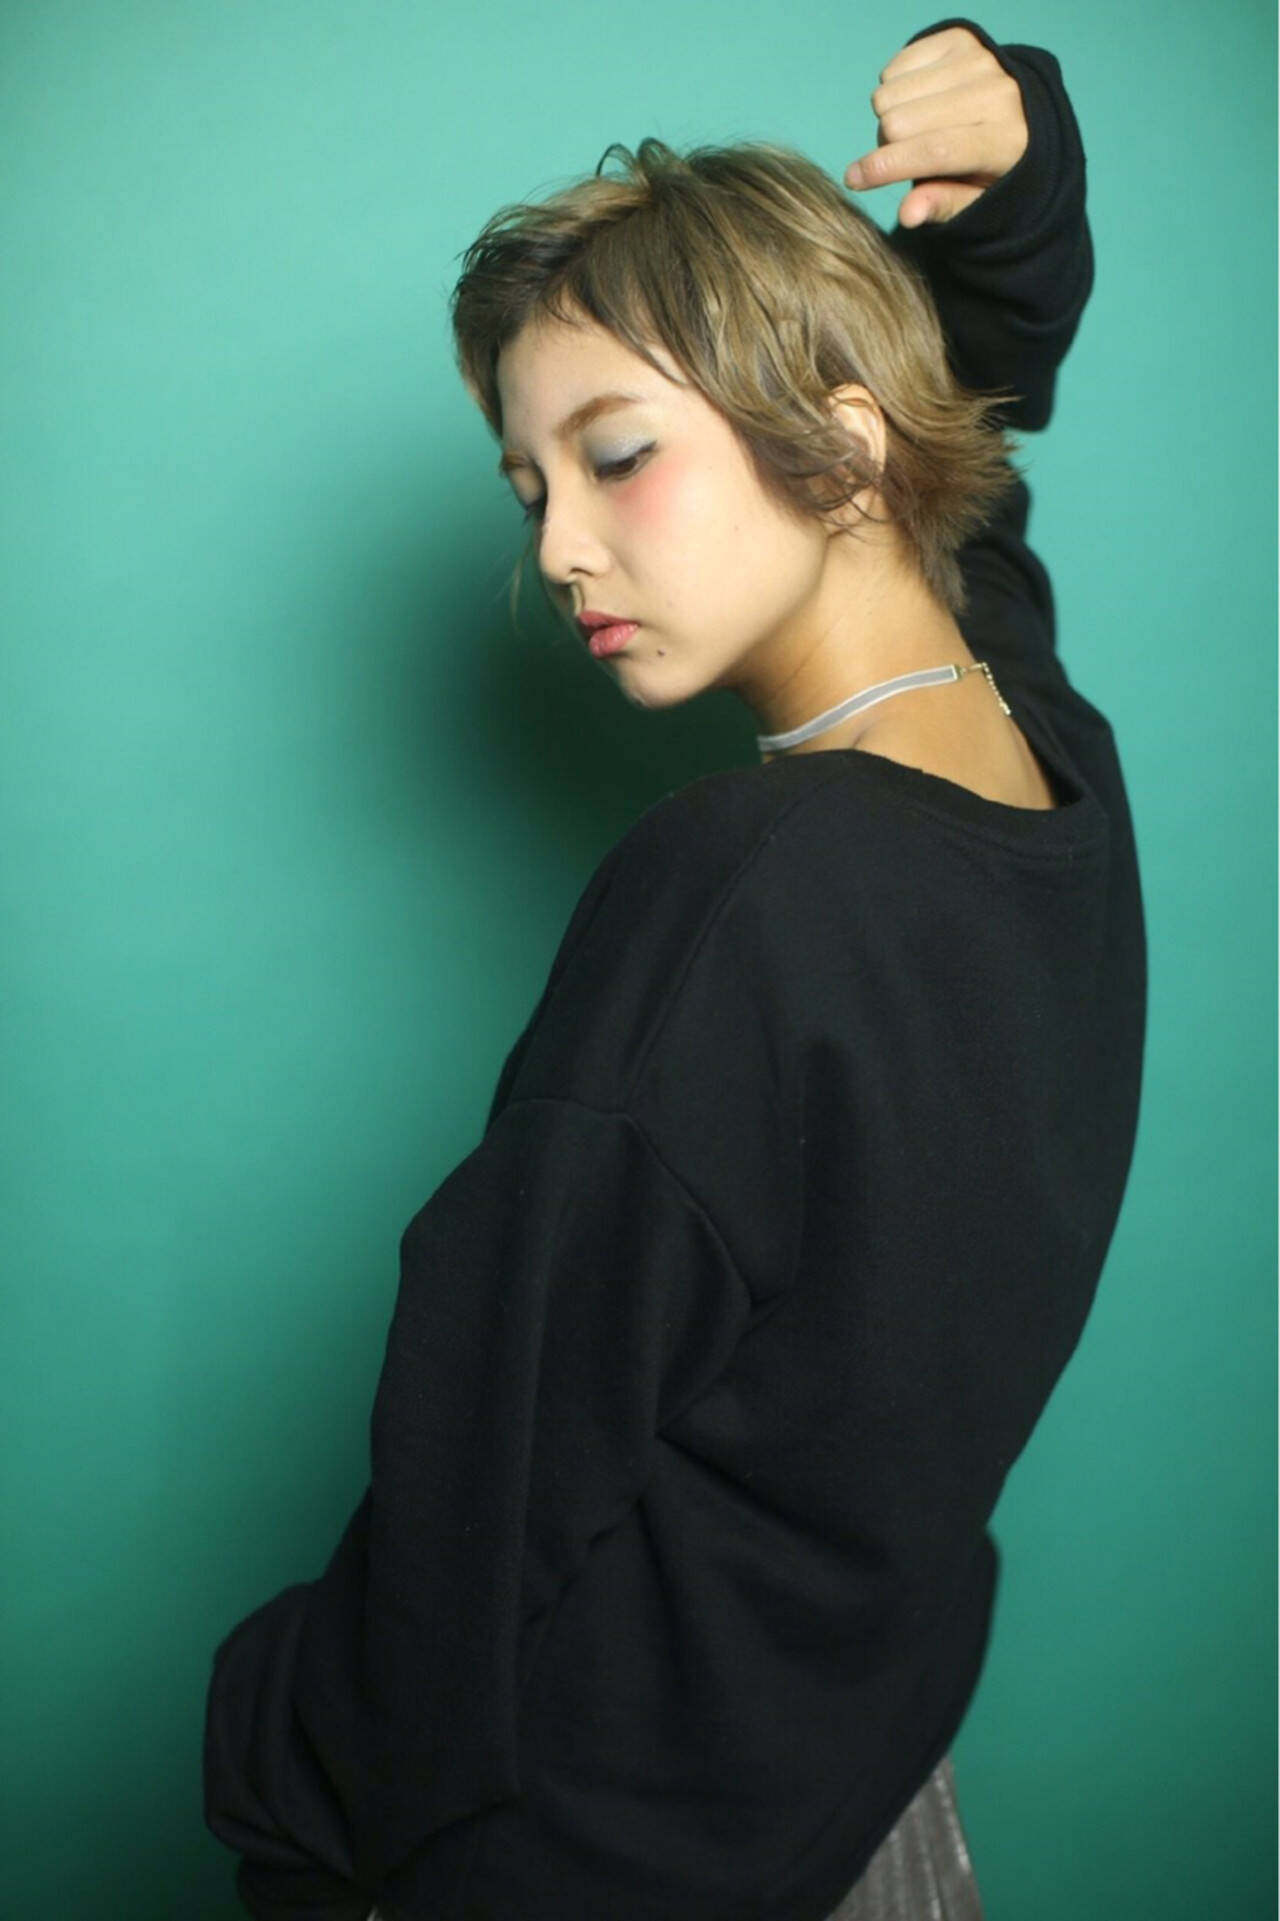 マッシュ オン眉 ガーリー 冬ヘアスタイルや髪型の写真・画像